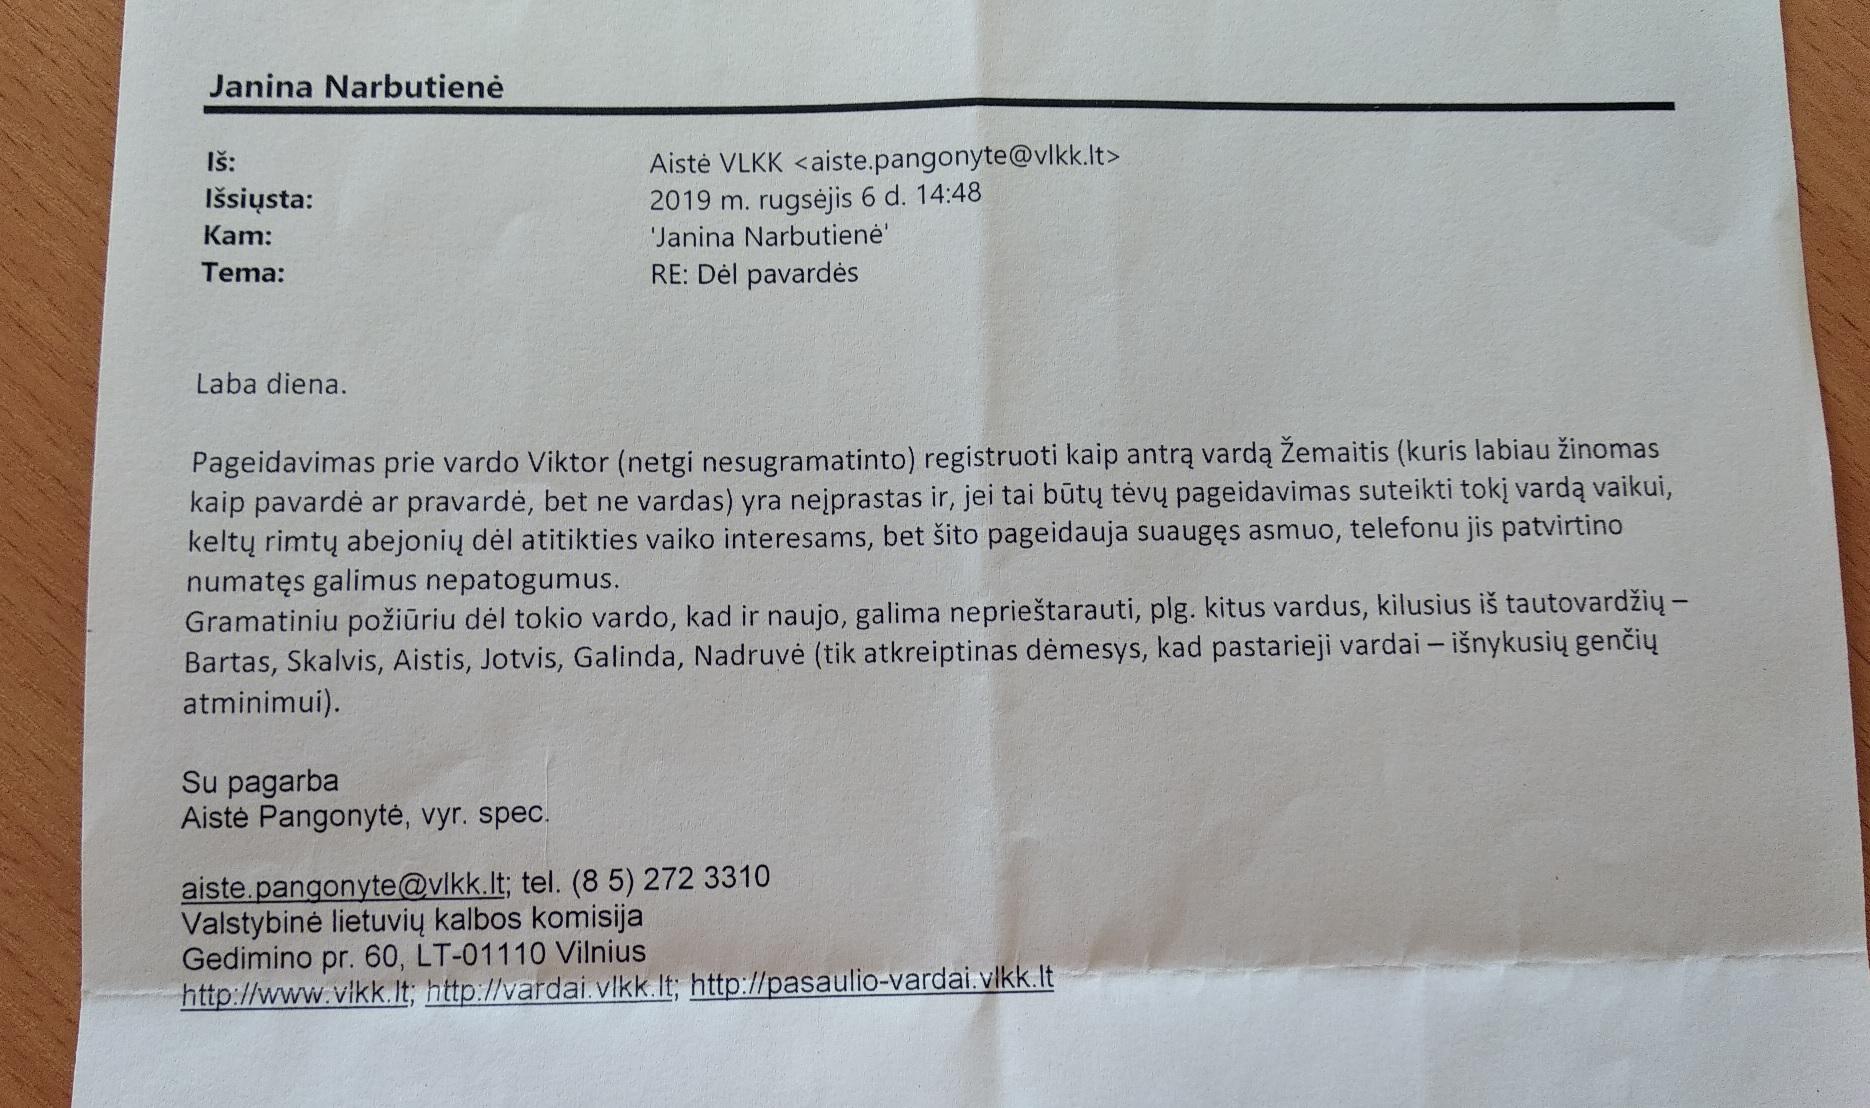 Lietuvių kalbos komisija dėl vardo Žemaitis pase.jpg